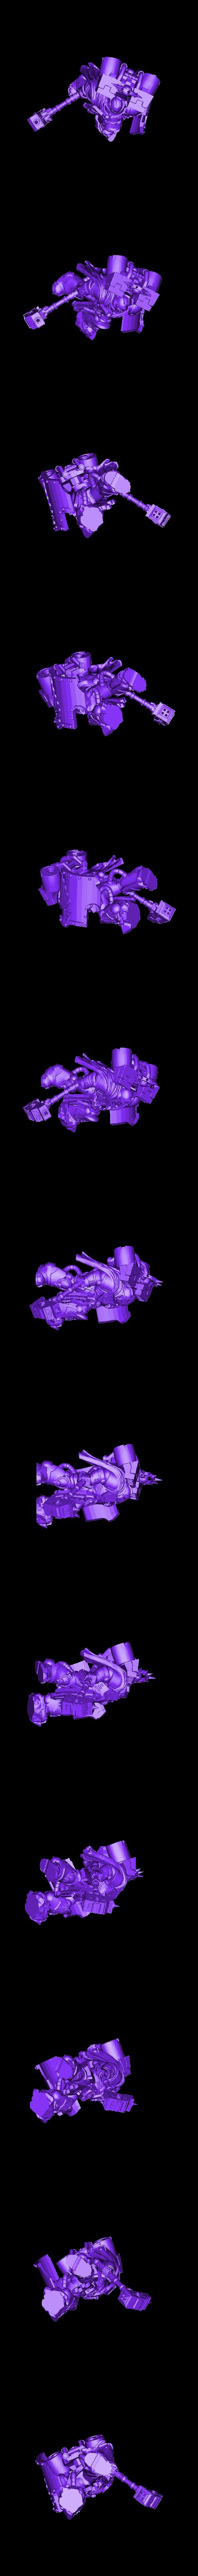 warhammer.stl Télécharger fichier STL gratuit le capitaine de smashy War Hammer • Modèle pour imprimante 3D, davikdesigns